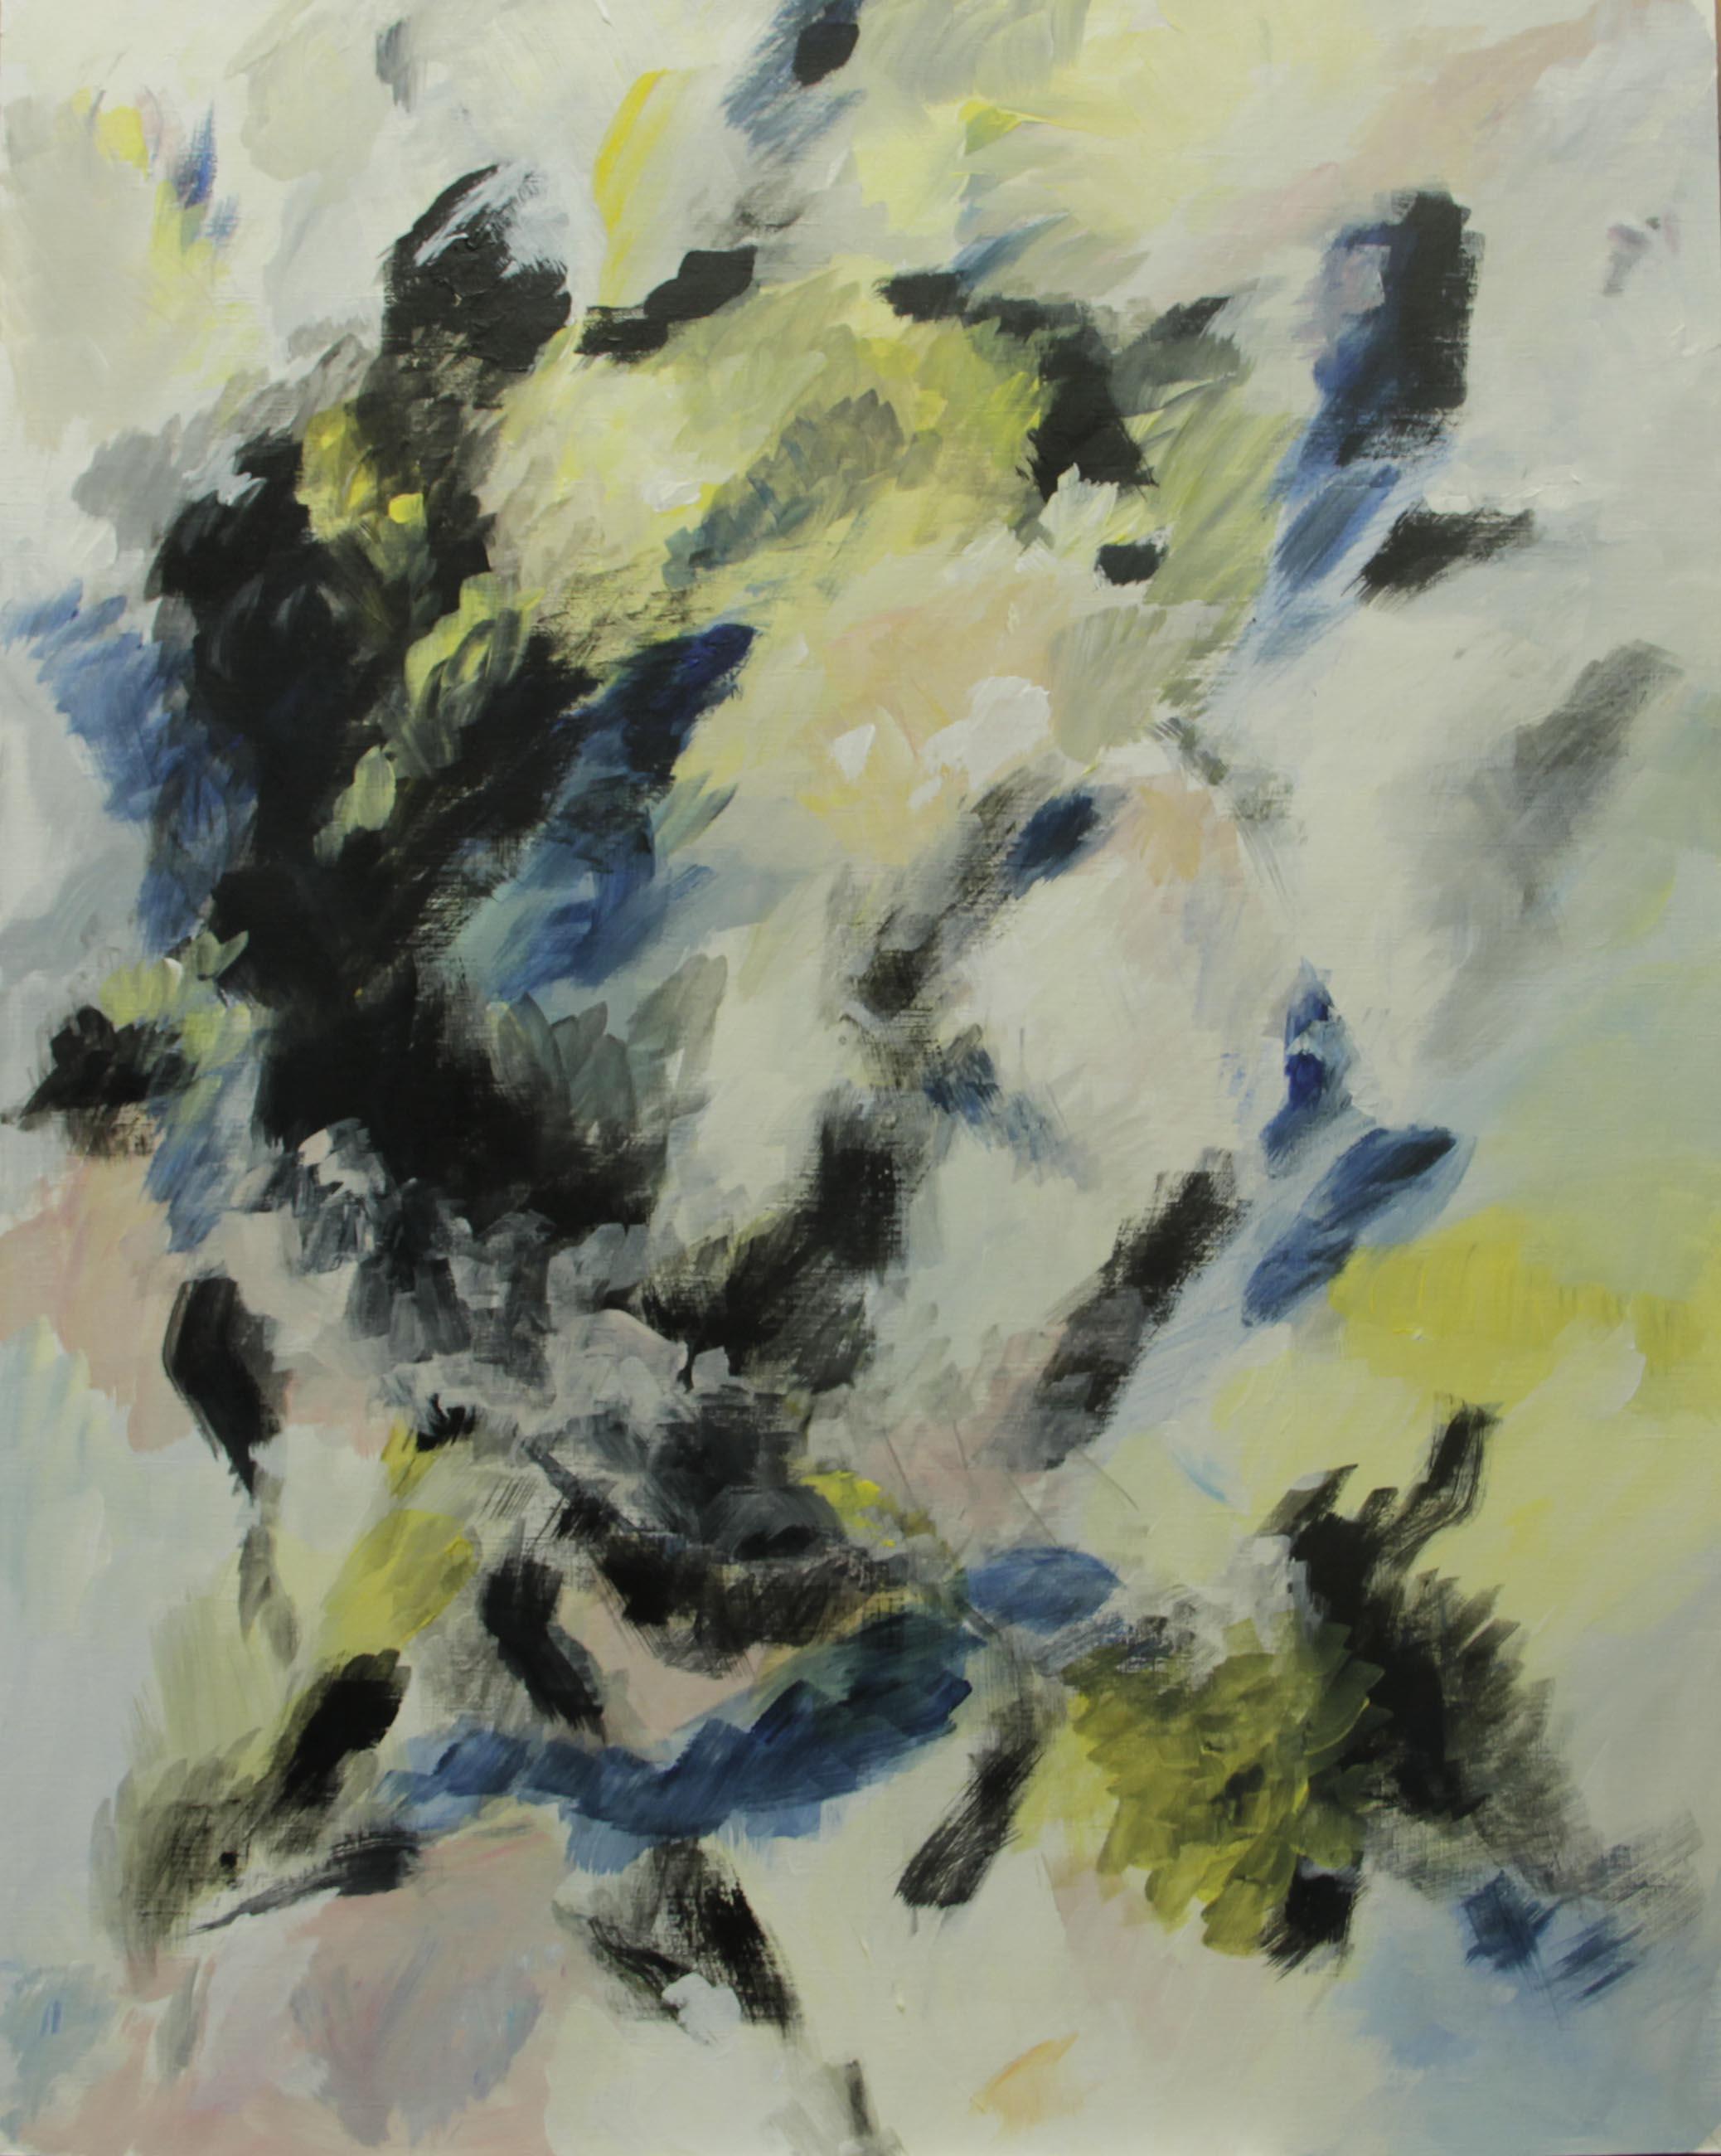 Mottironi Bianca, 65x50